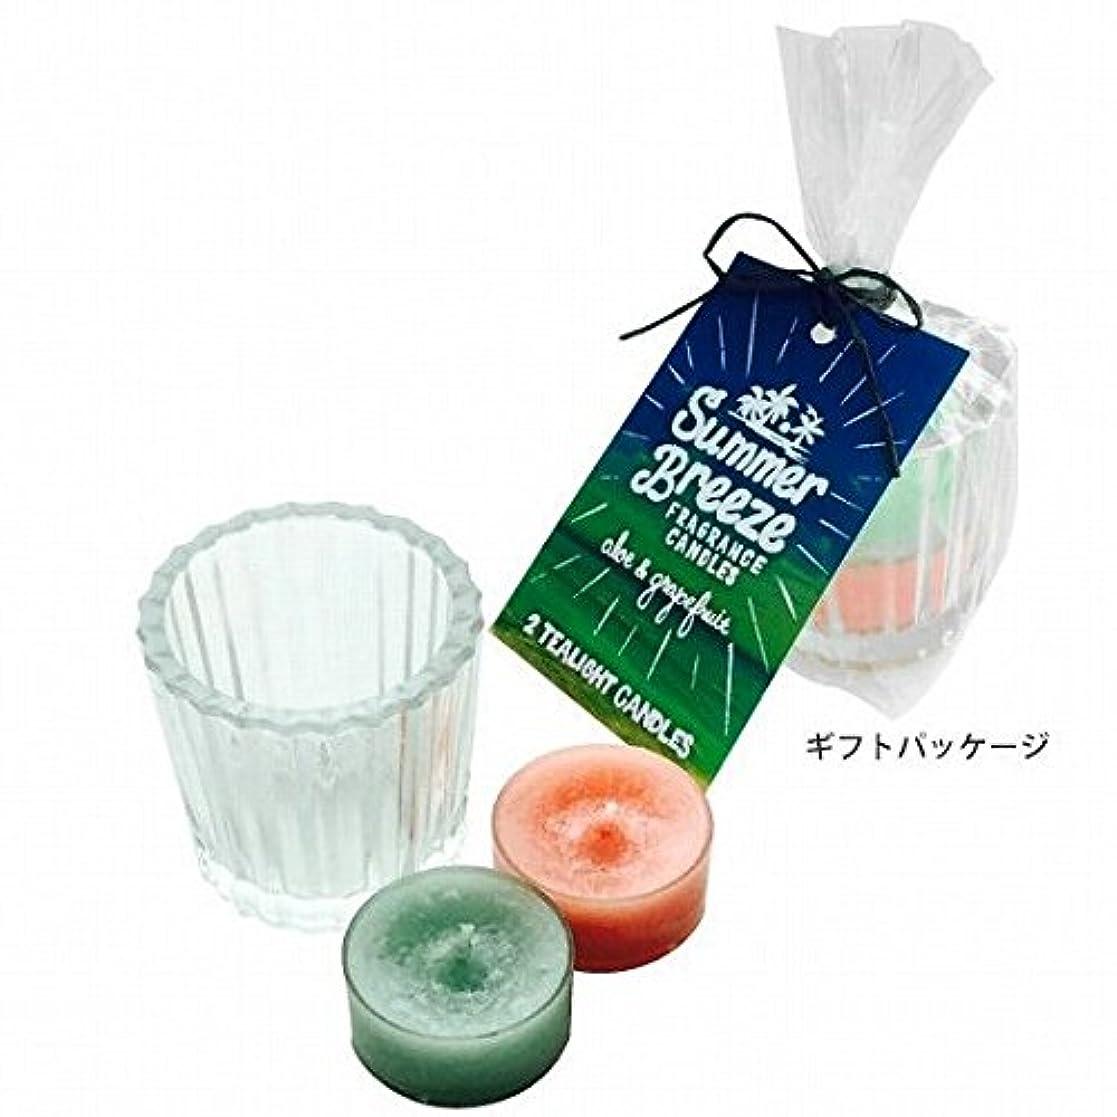 不安定人気気難しいkameyama candle(カメヤマキャンドル) サマーブリーズティーライトキャンドルセット(K5090001)